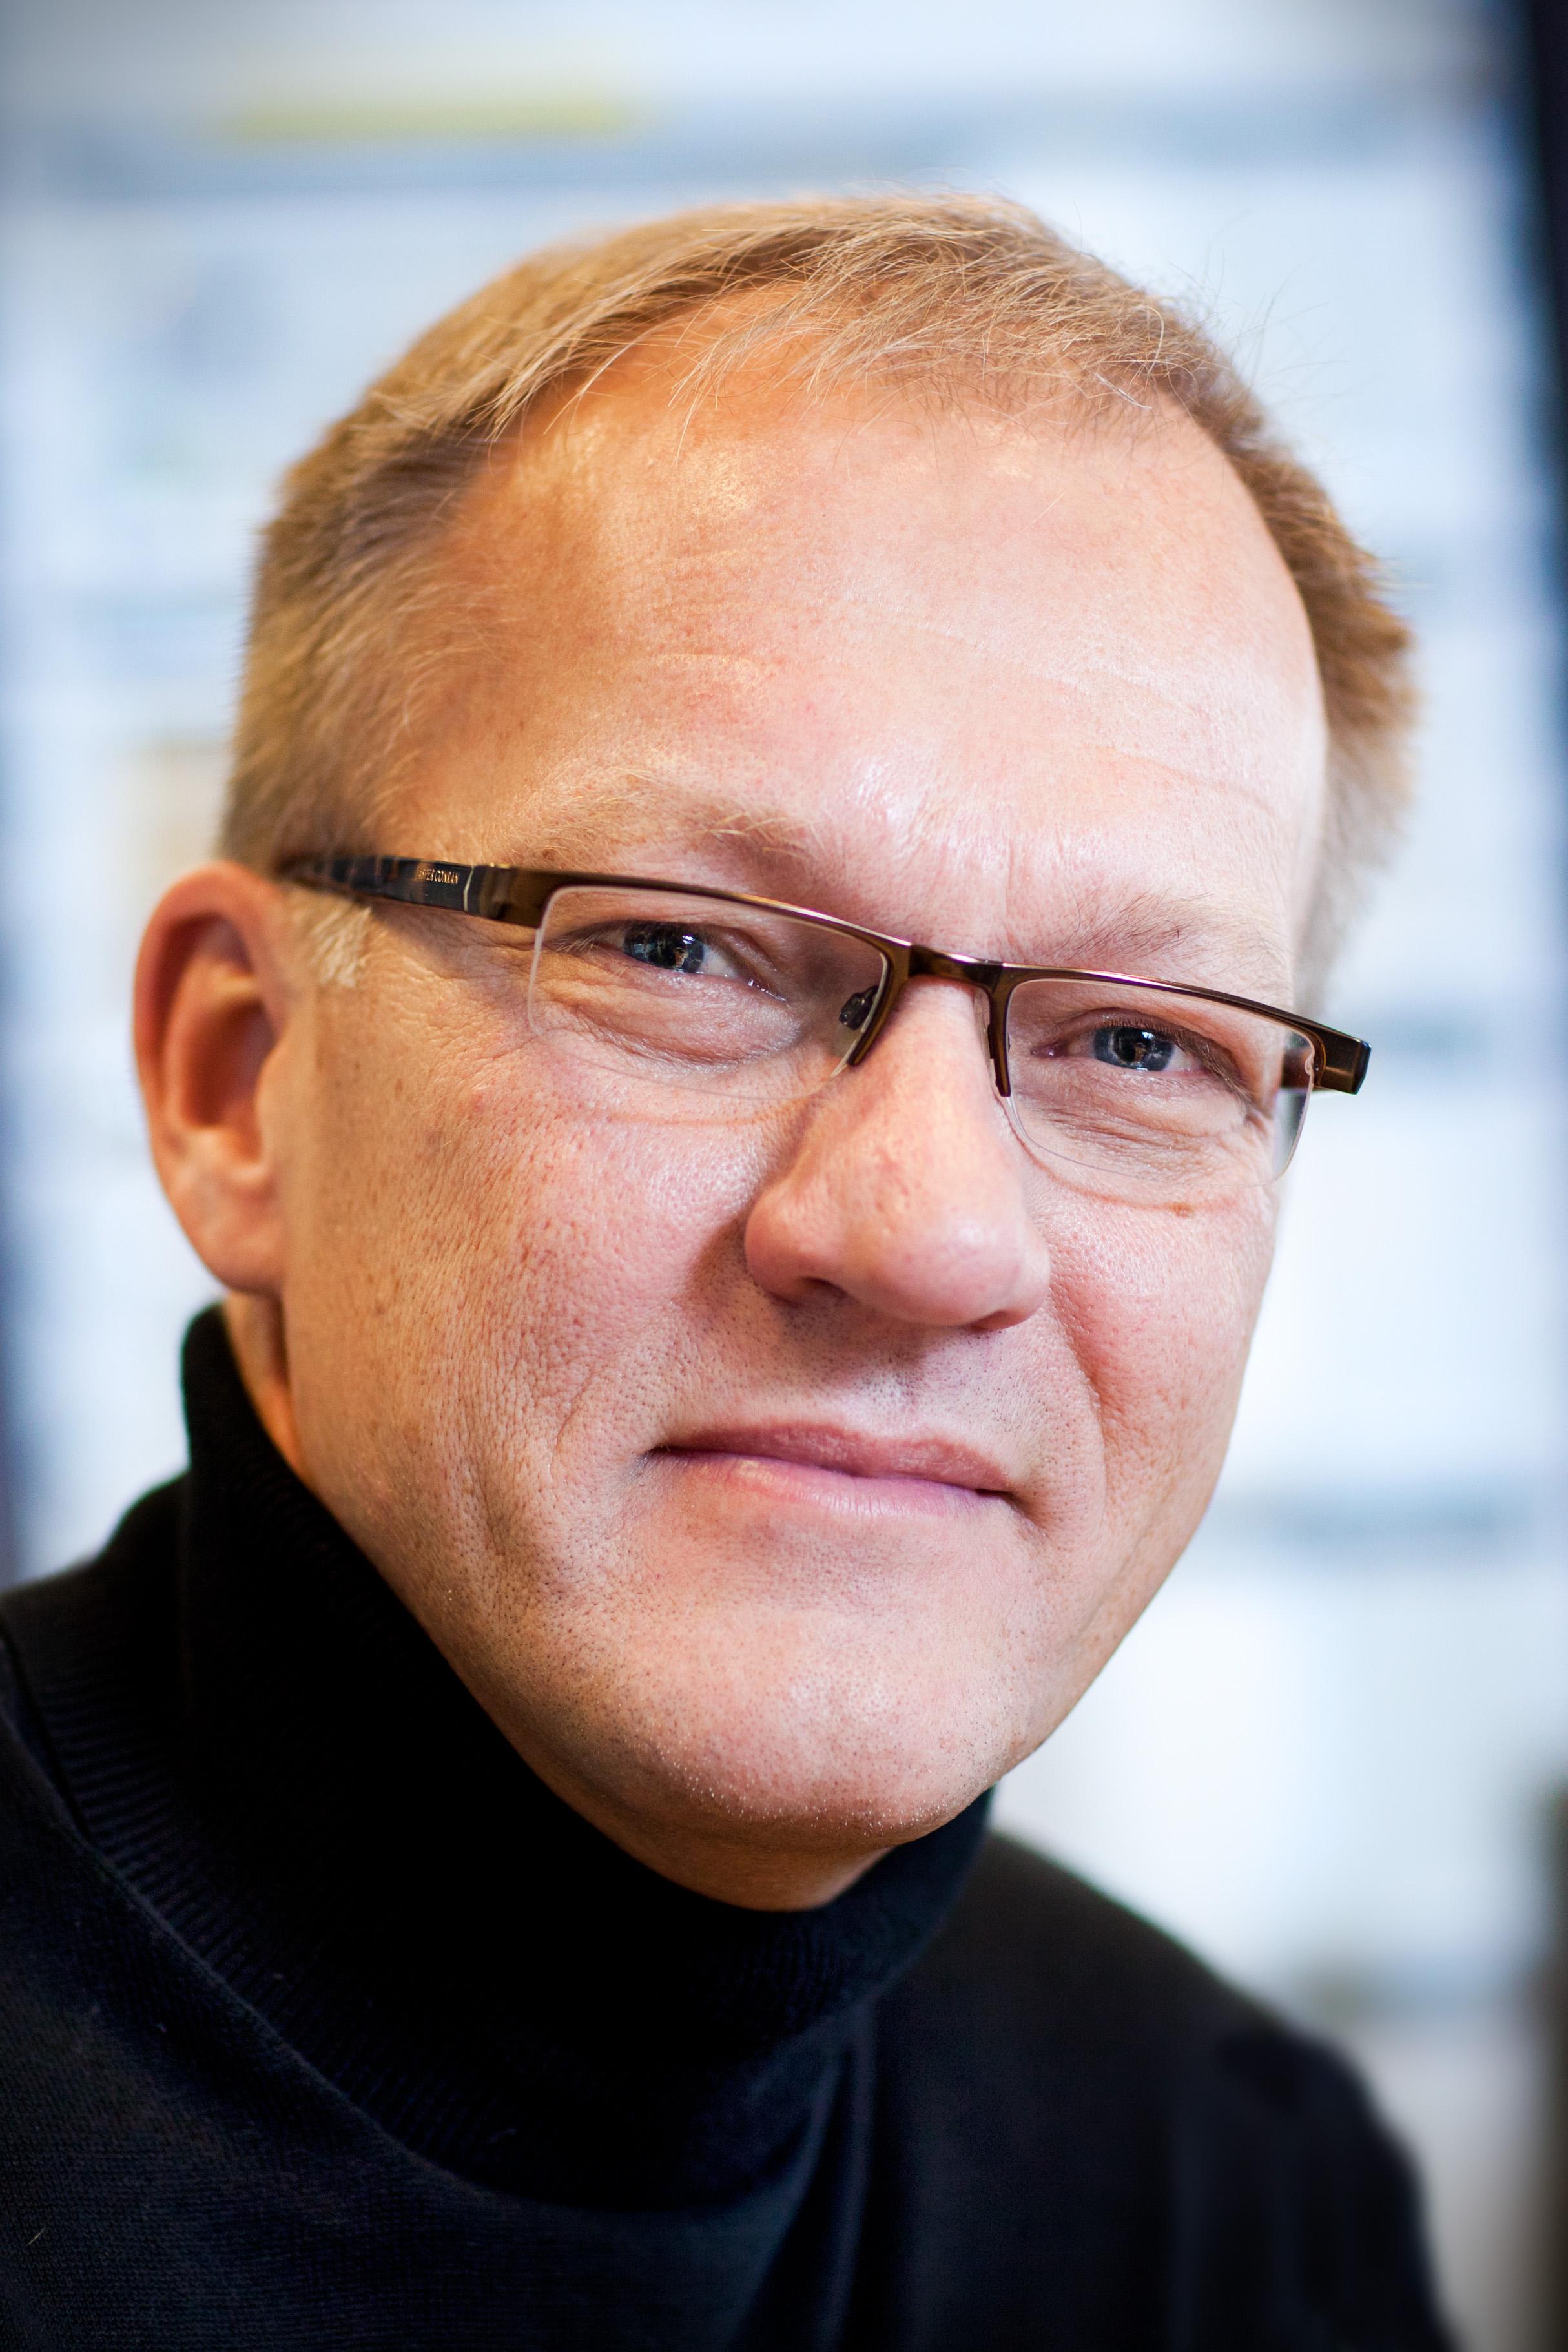 Lars Henrik Andersen